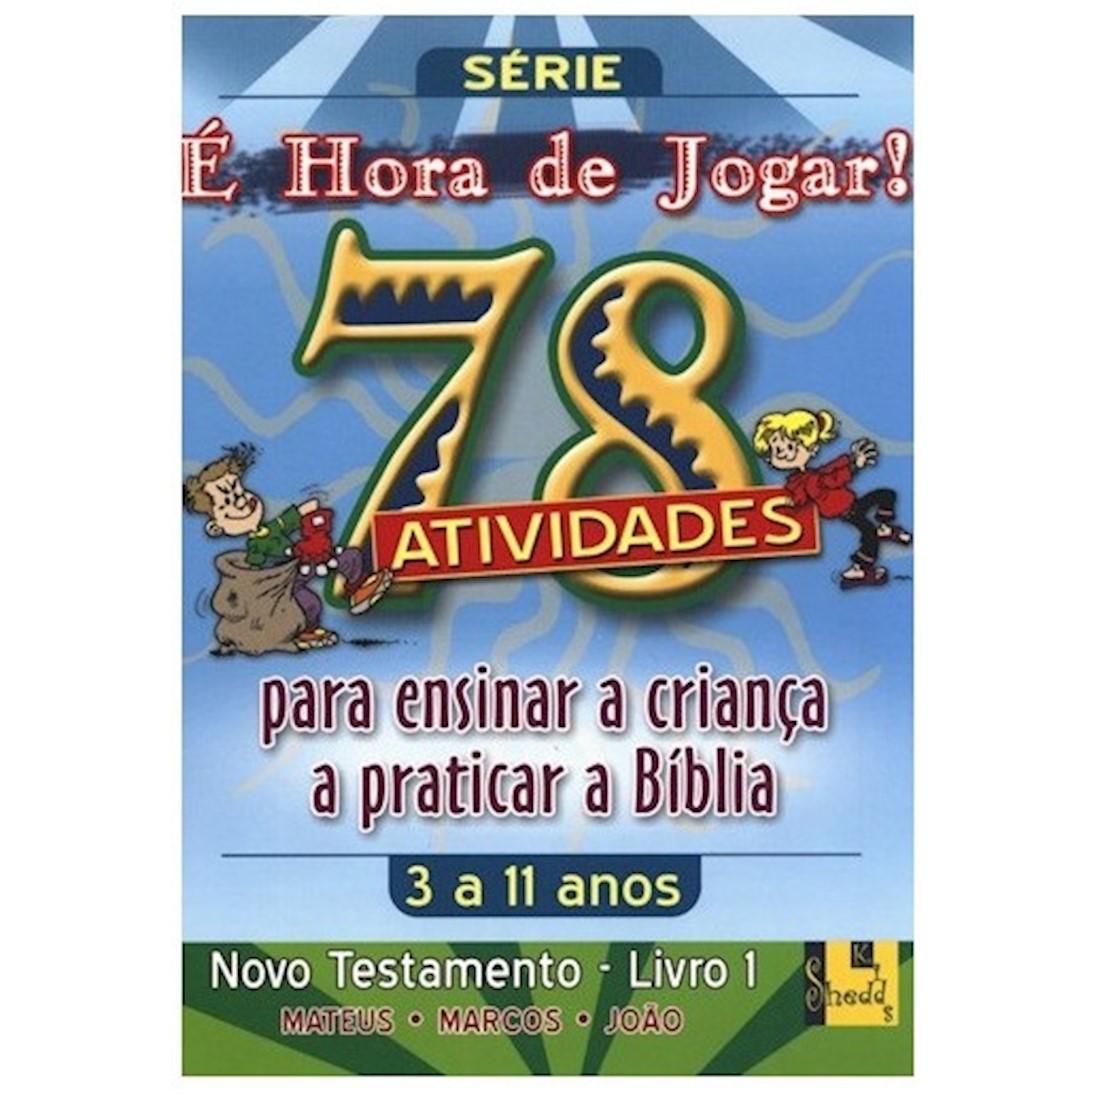 Livro É hora de Jogar - N.T. 1 Mateus, Marcos e João - 78 Atividades